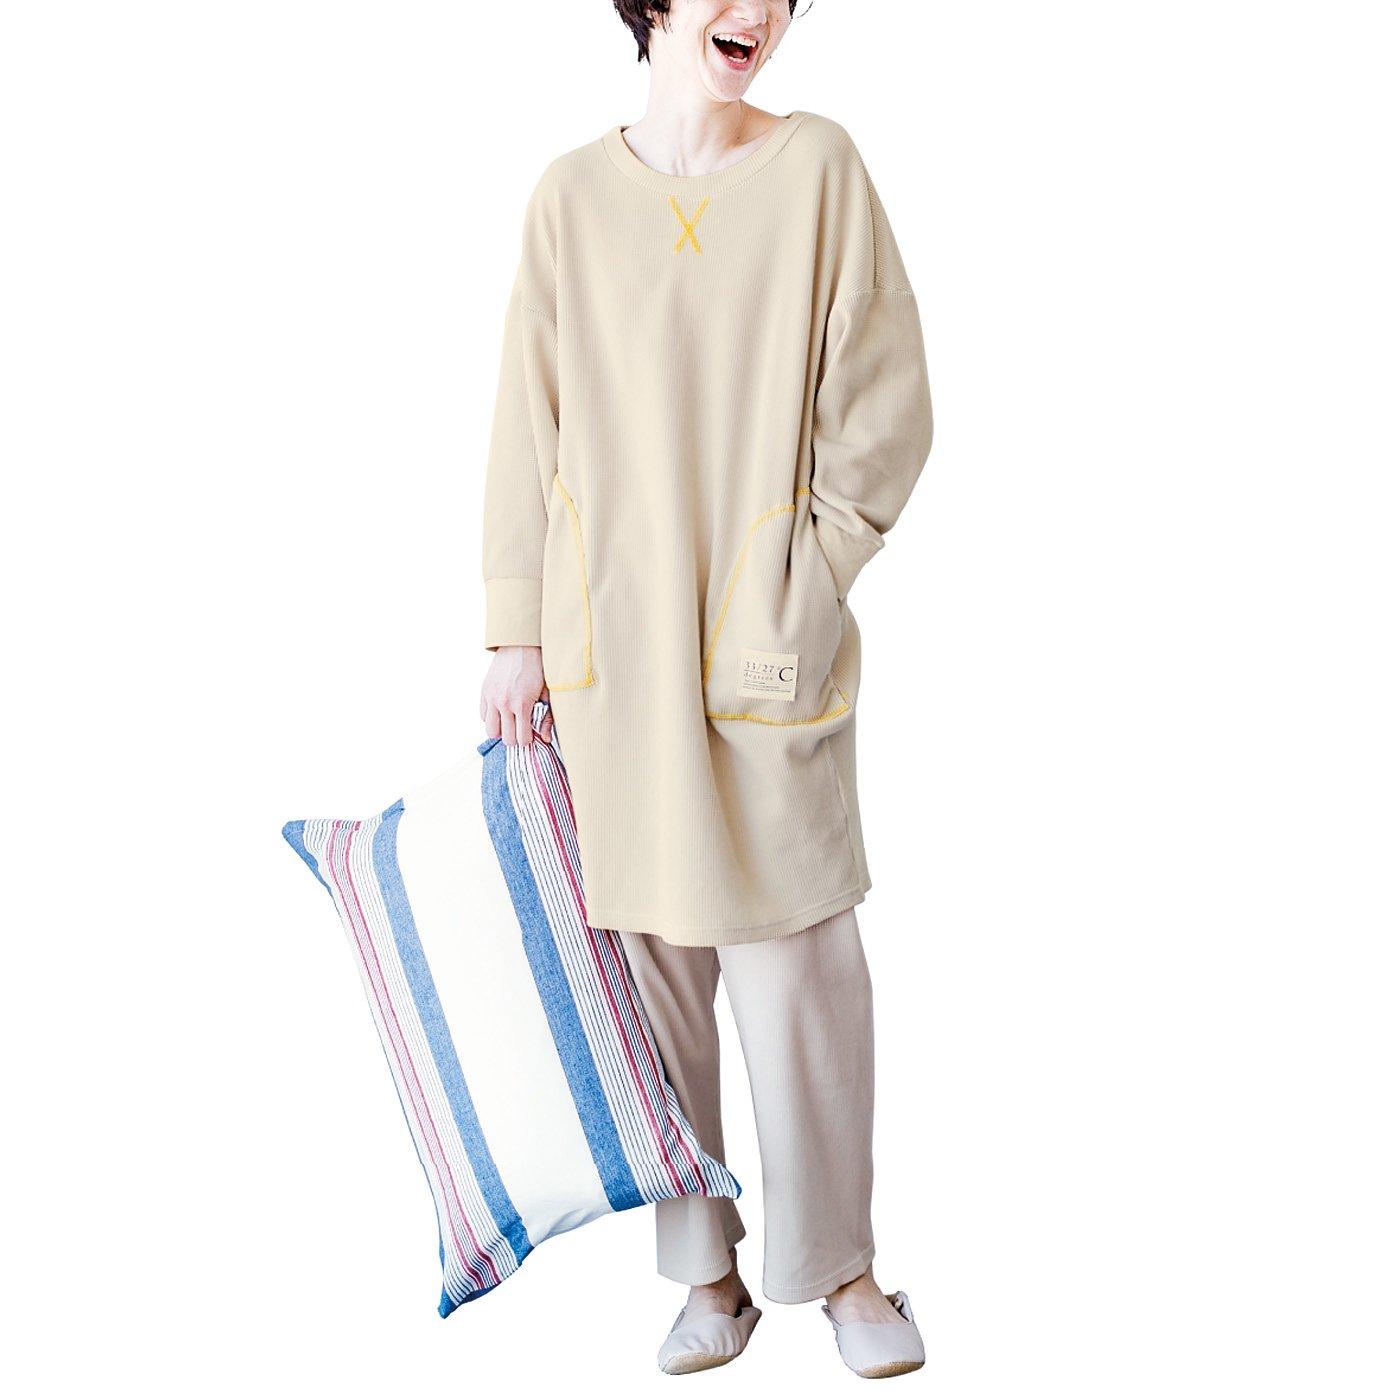 体形カバーでくつろぎ度満点!寒暖差対策もかなう綿ワッフルチュニックワンピパジャマの会